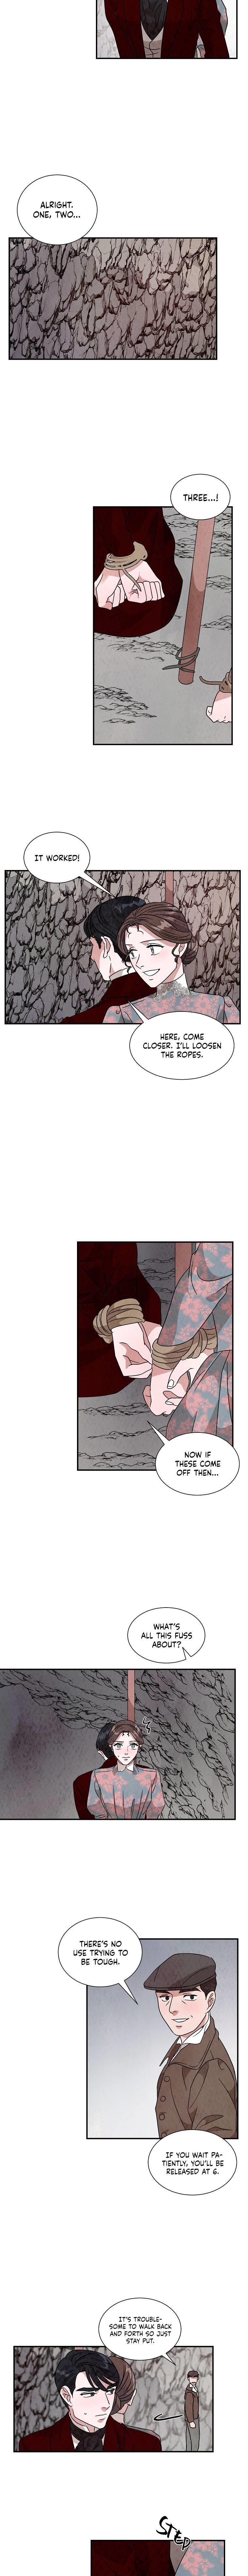 Glass Wall Chapter 29 page 9 - Mangakakalots.com